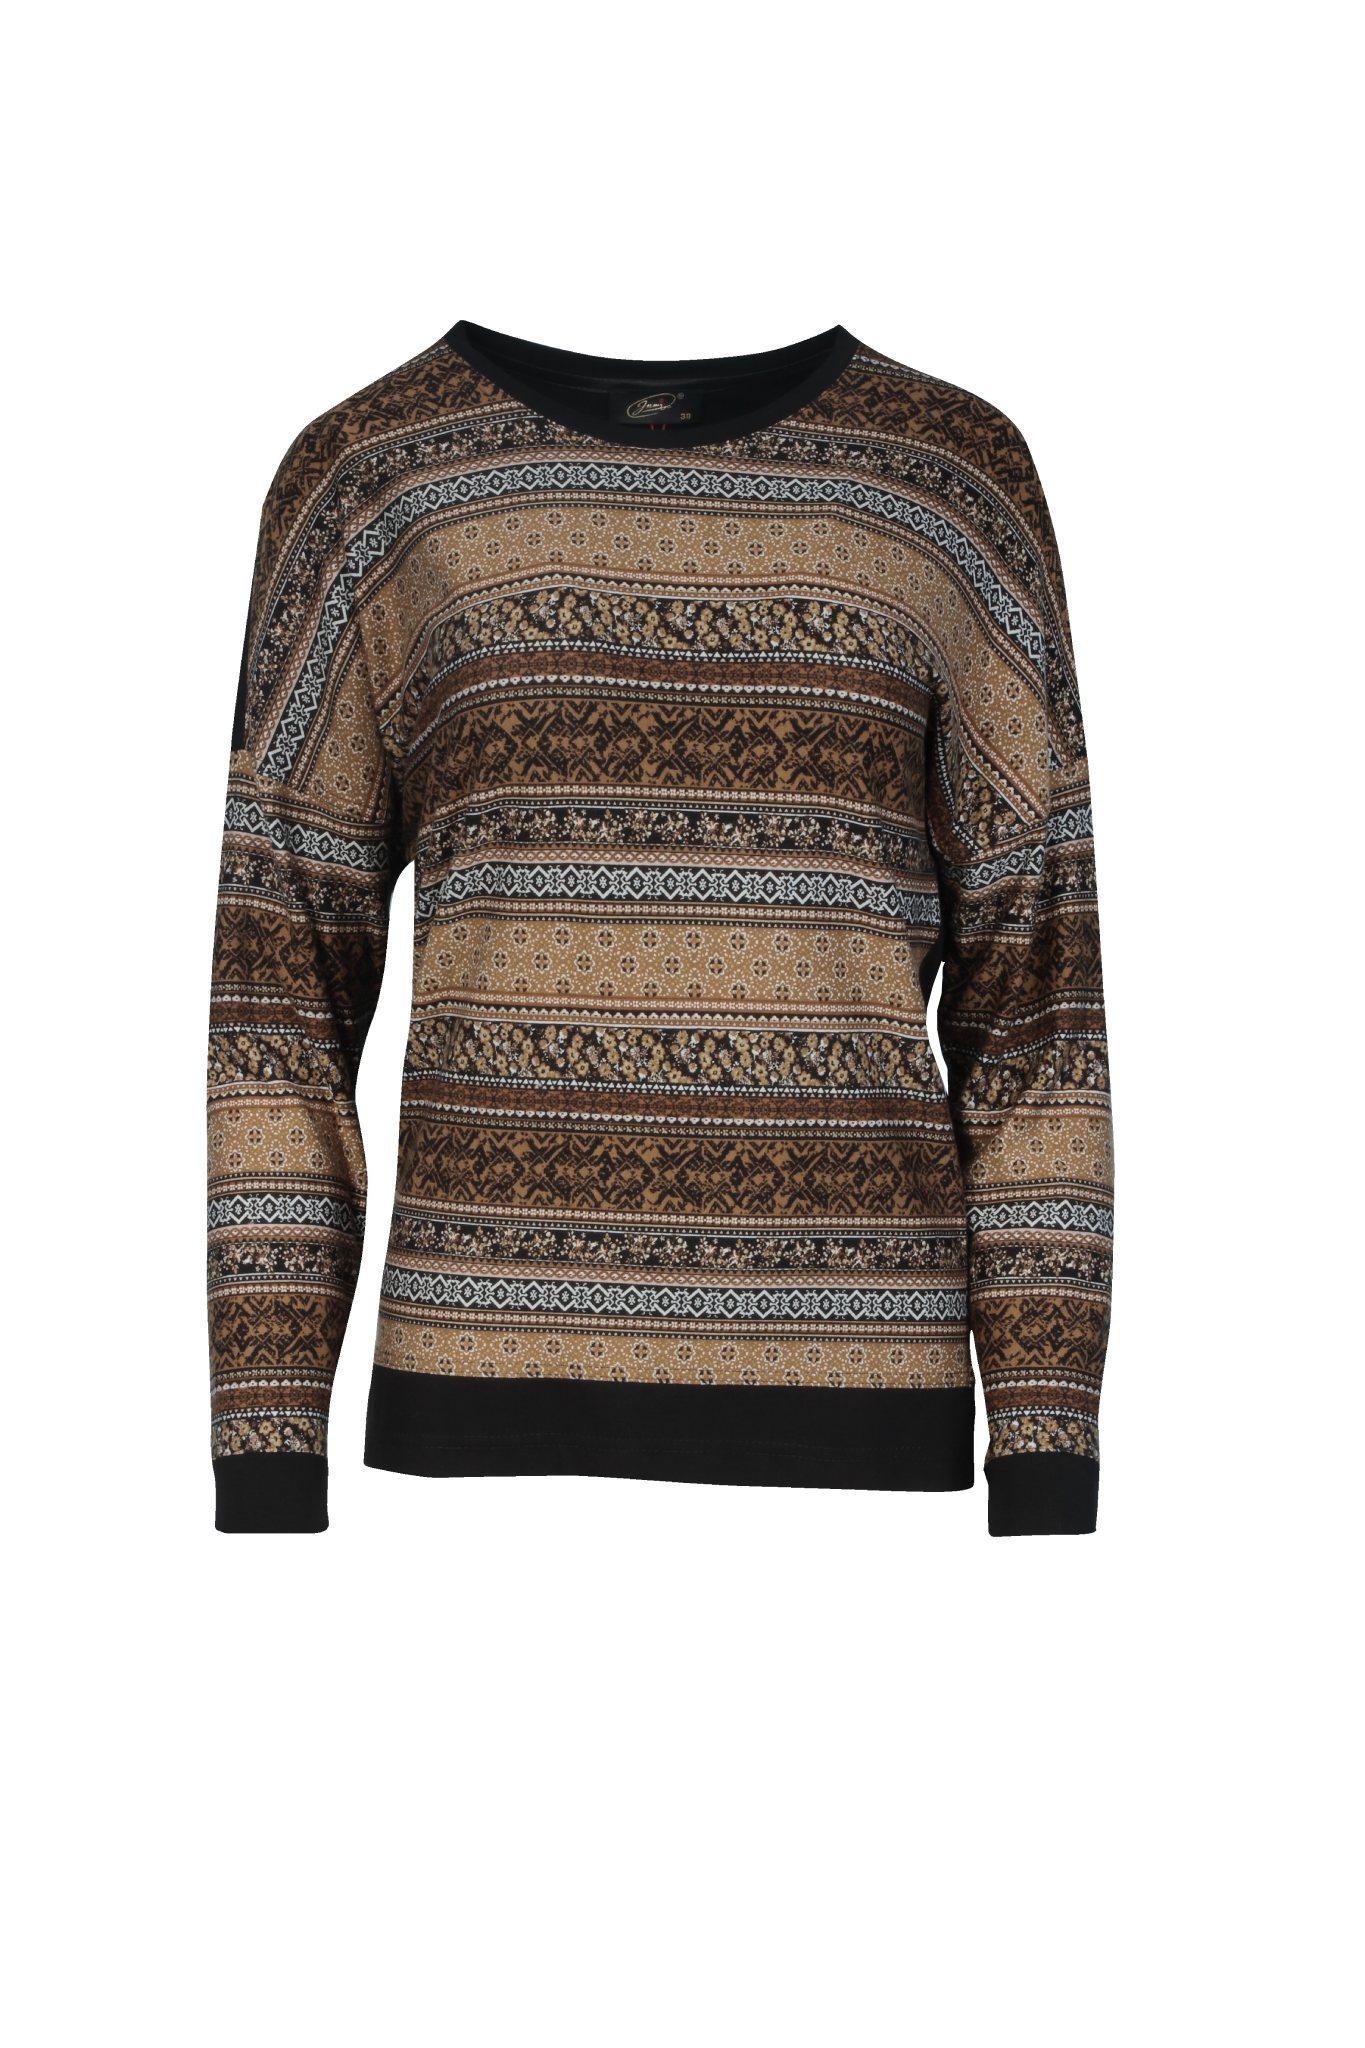 1106 Jumitex musztardowo-czarna bluzka we wzory